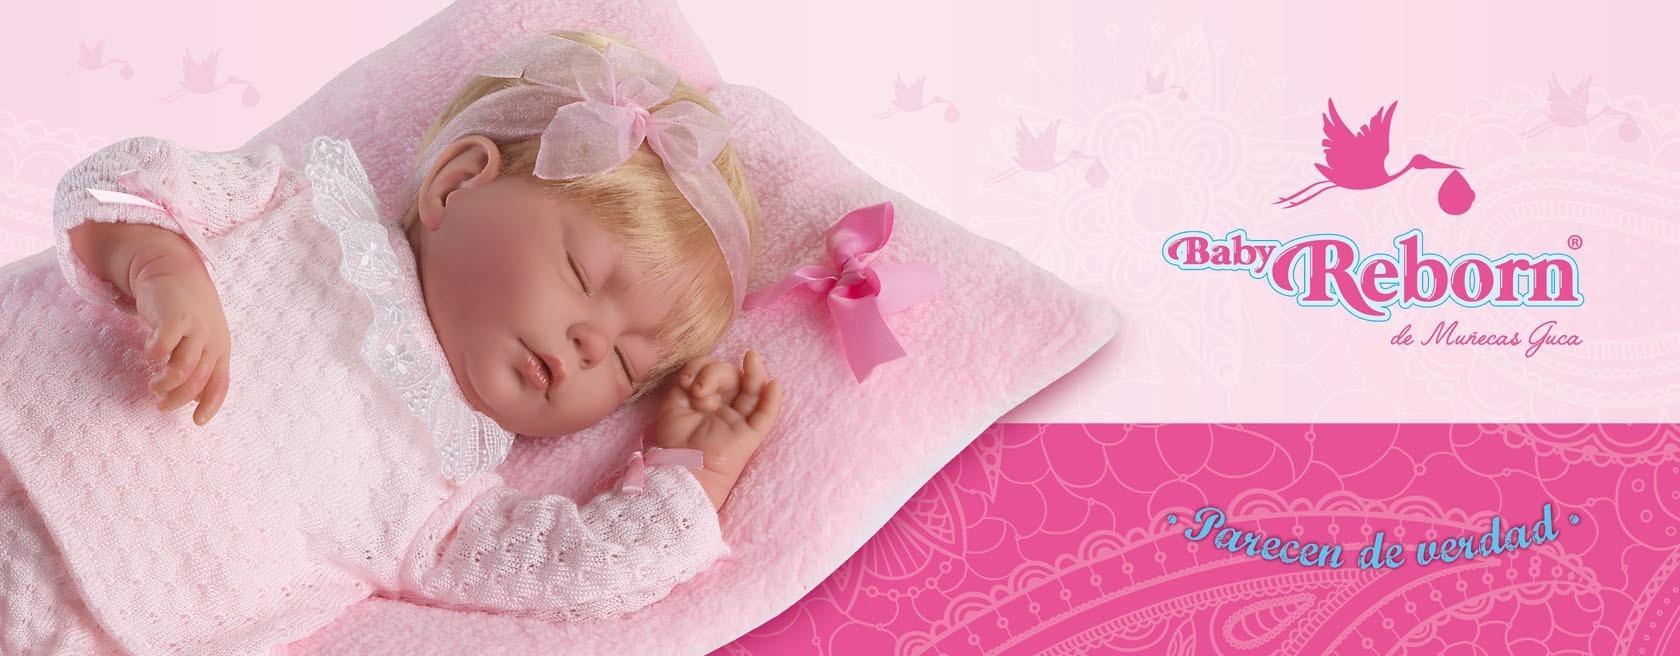 GUCA - Muñeca Baby Reborn Alma Traje beig Lana Perle c/ Pelo Especial 46 cm